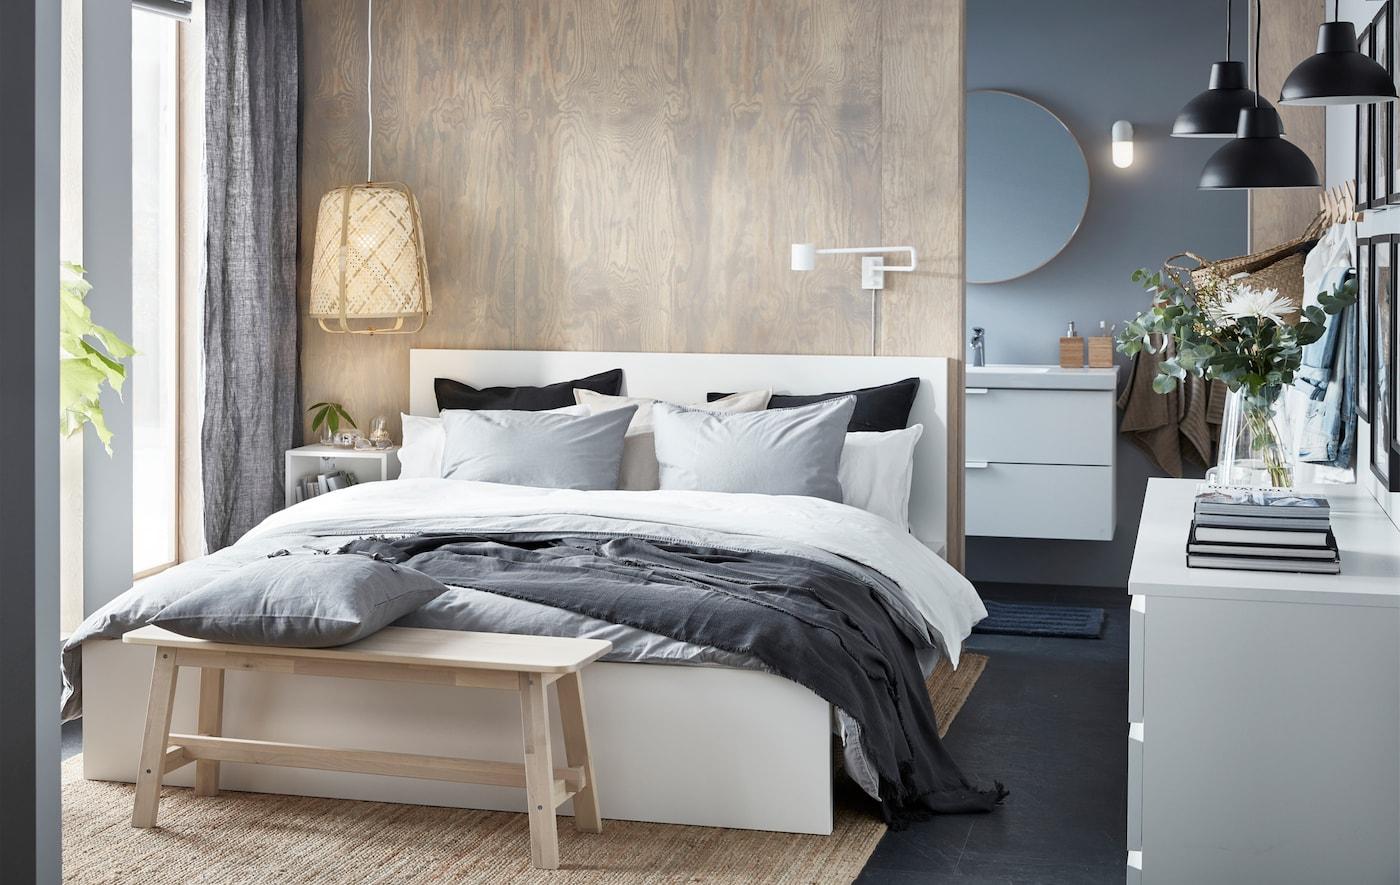 Sypialnia w neutralnej kolorystyce, z podwójnym łóżkiem, drewnianą ławą i wiklinową lampą.